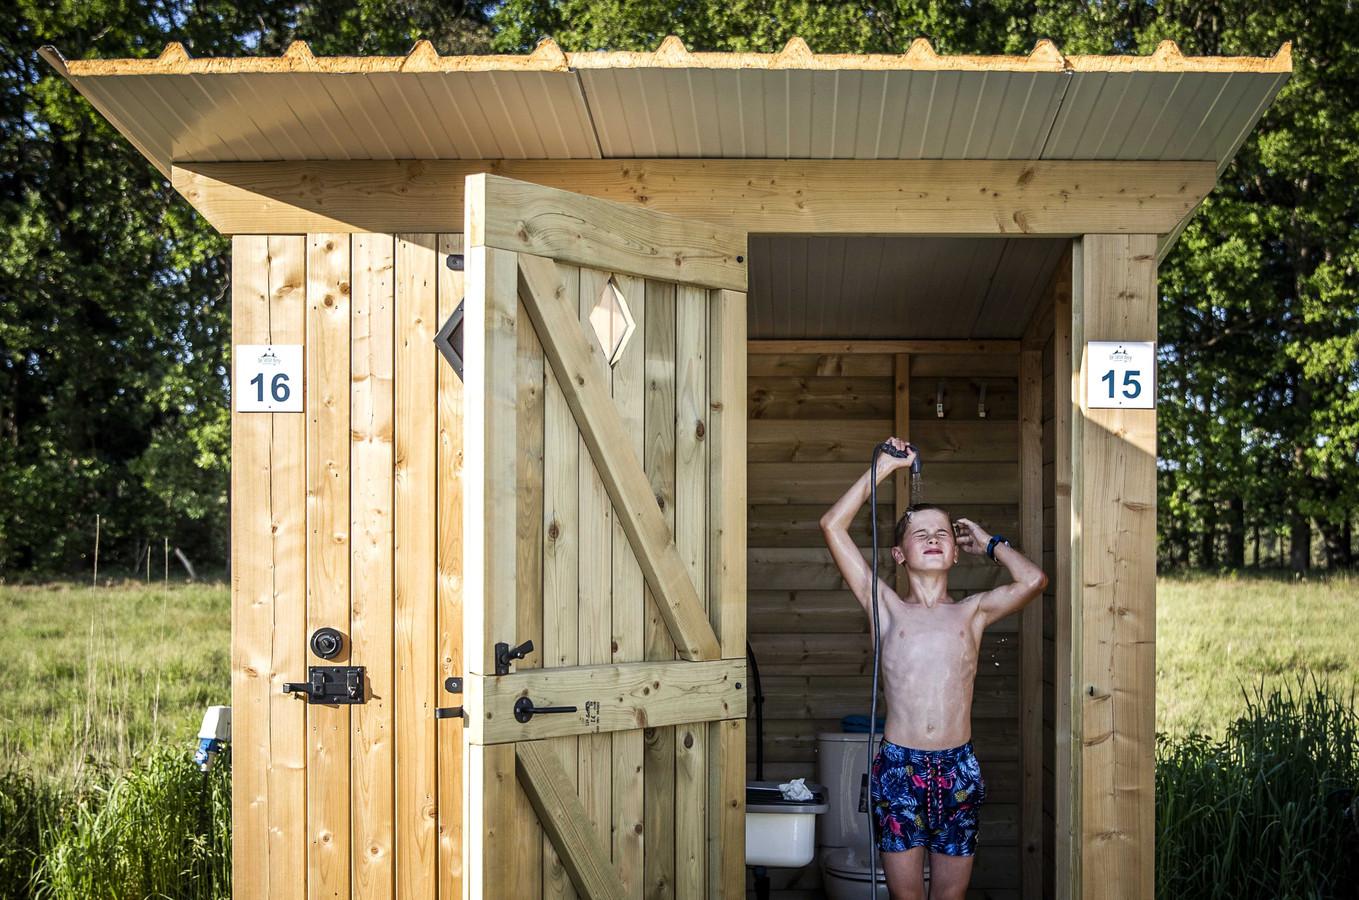 Campinggast Floris maakt gebruik van het prive-sanitair bij de kampeerplek op camping de Solse Berg. Om te voldoen aan de coronaregels zijn er houten huisjes met toilet en zonnedouche geplaatst.